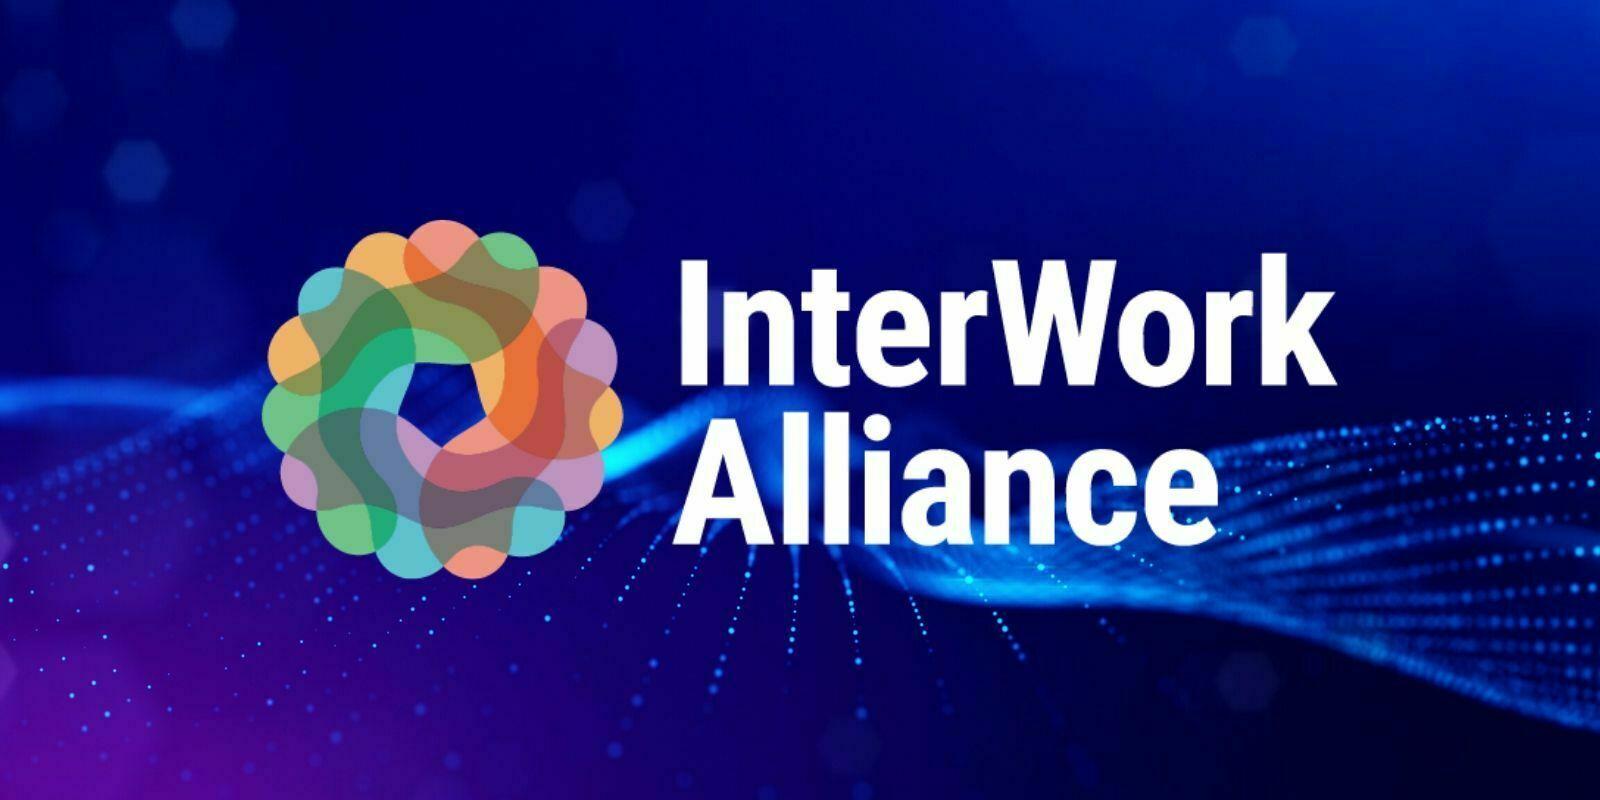 InterWork Alliance, l'organisation souhaitant normaliser l'écosystème des tokens